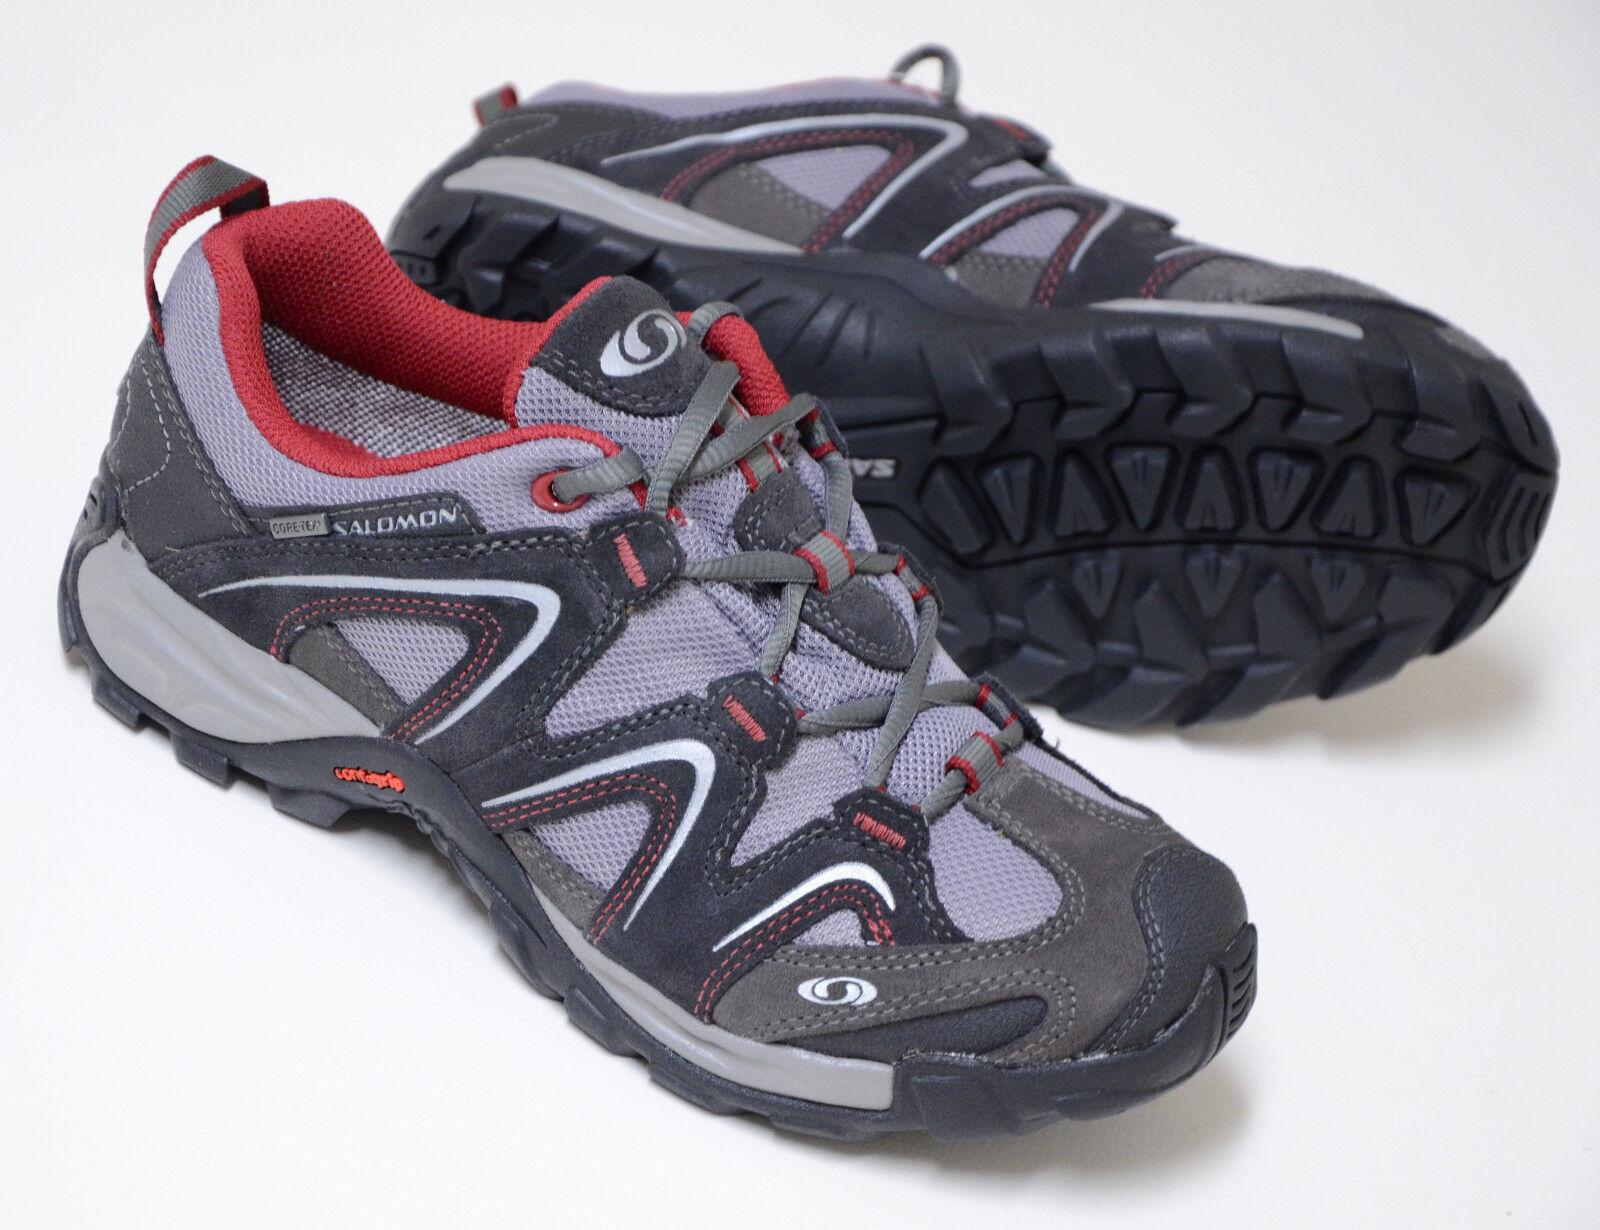 Salomon VEGA GTX GoreTex Schuhe Outdoor Damenschuhe Shohe Damens Sneaker